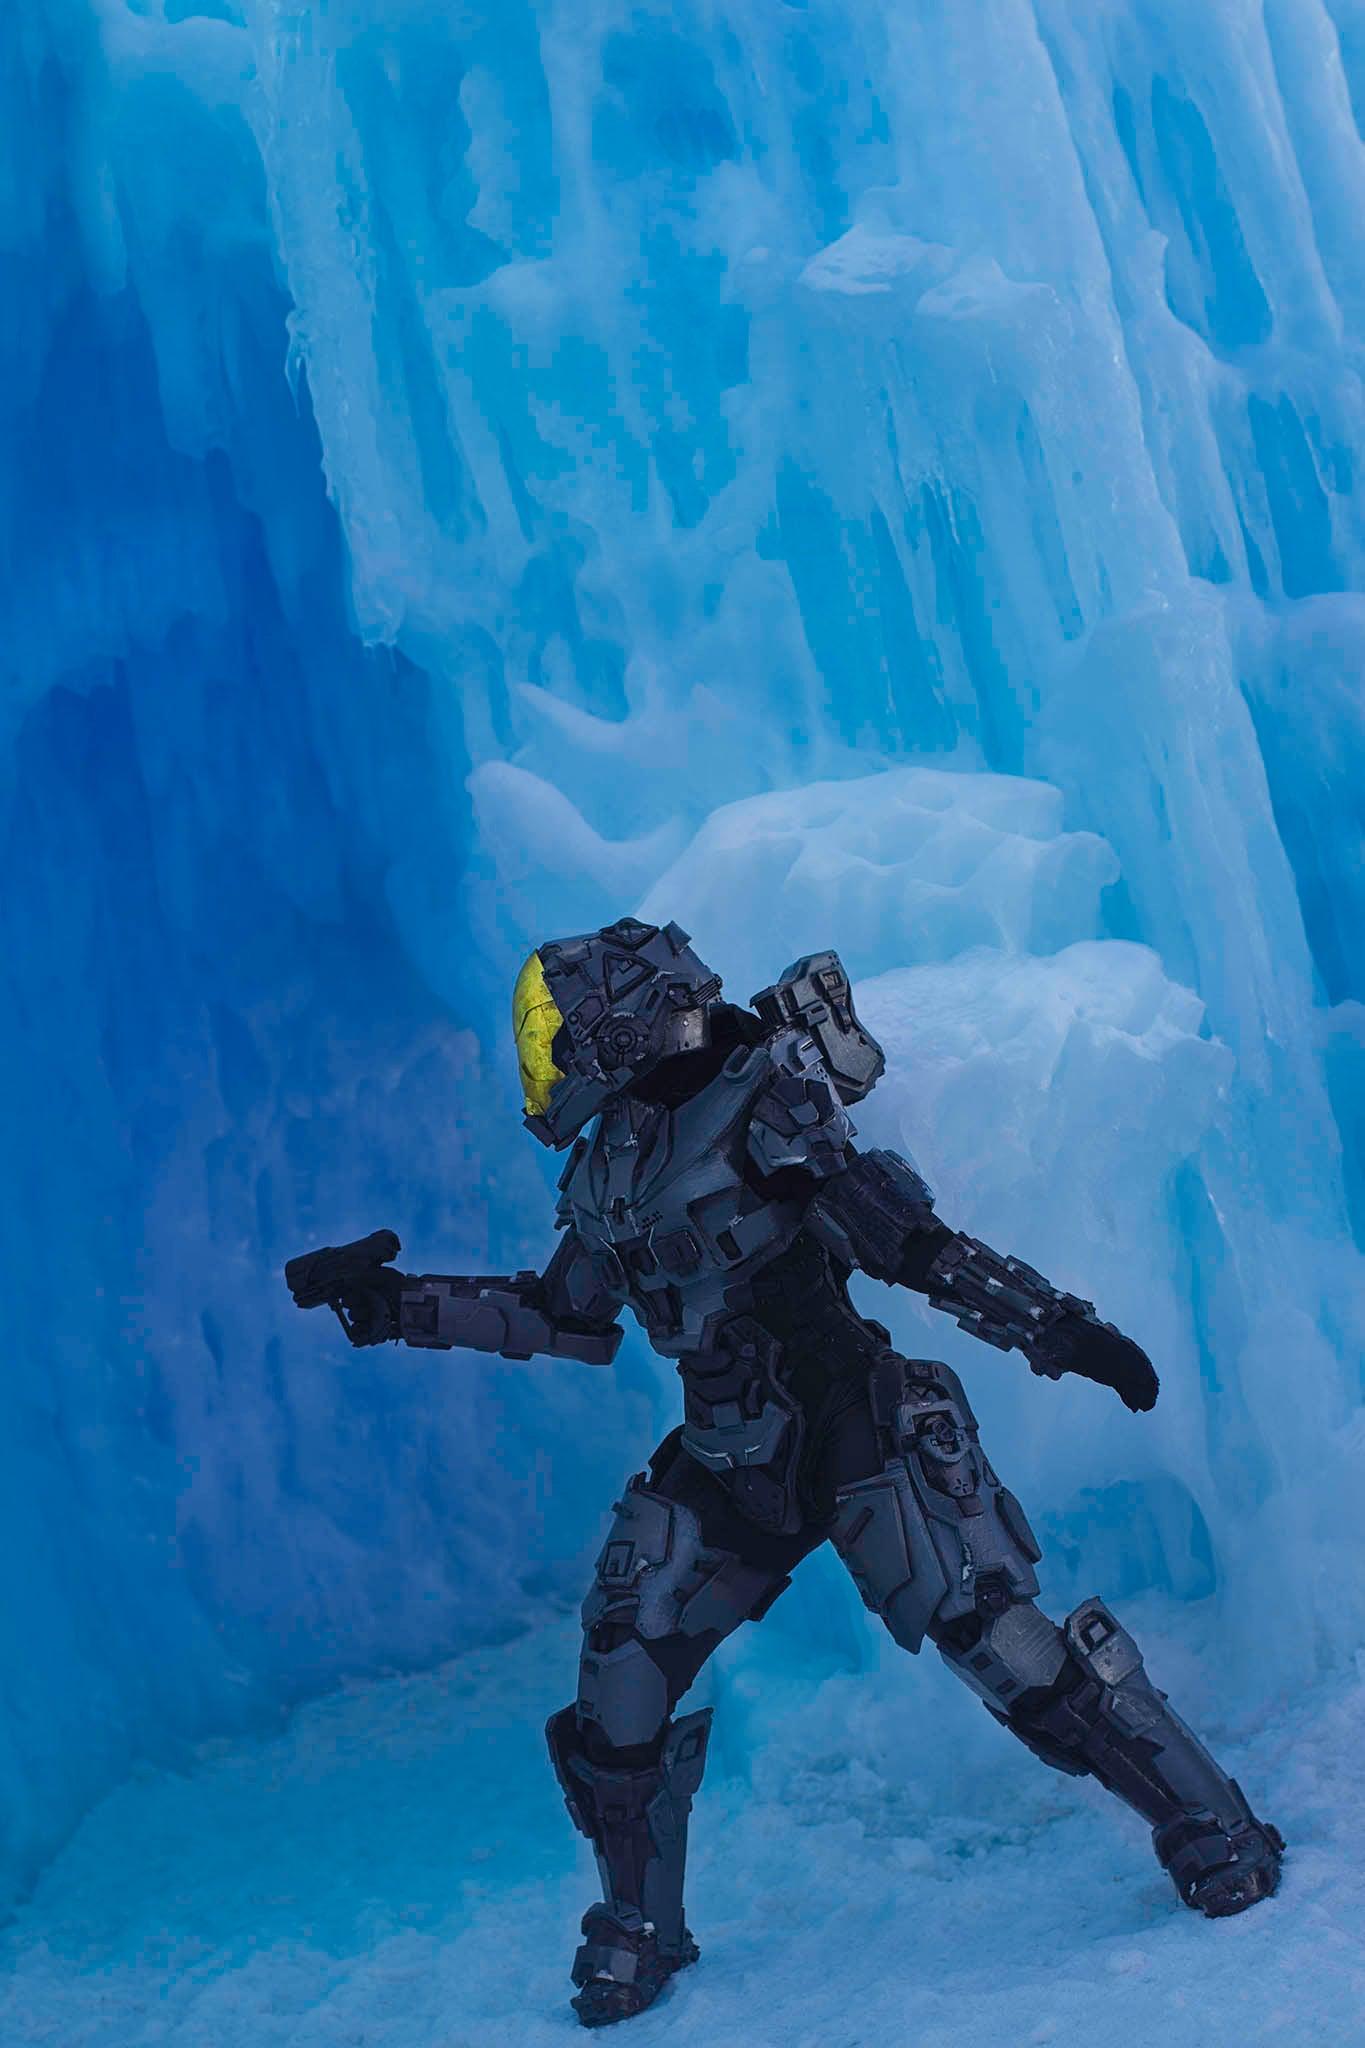 Cosplay Ventures Into The Frozen Wilds